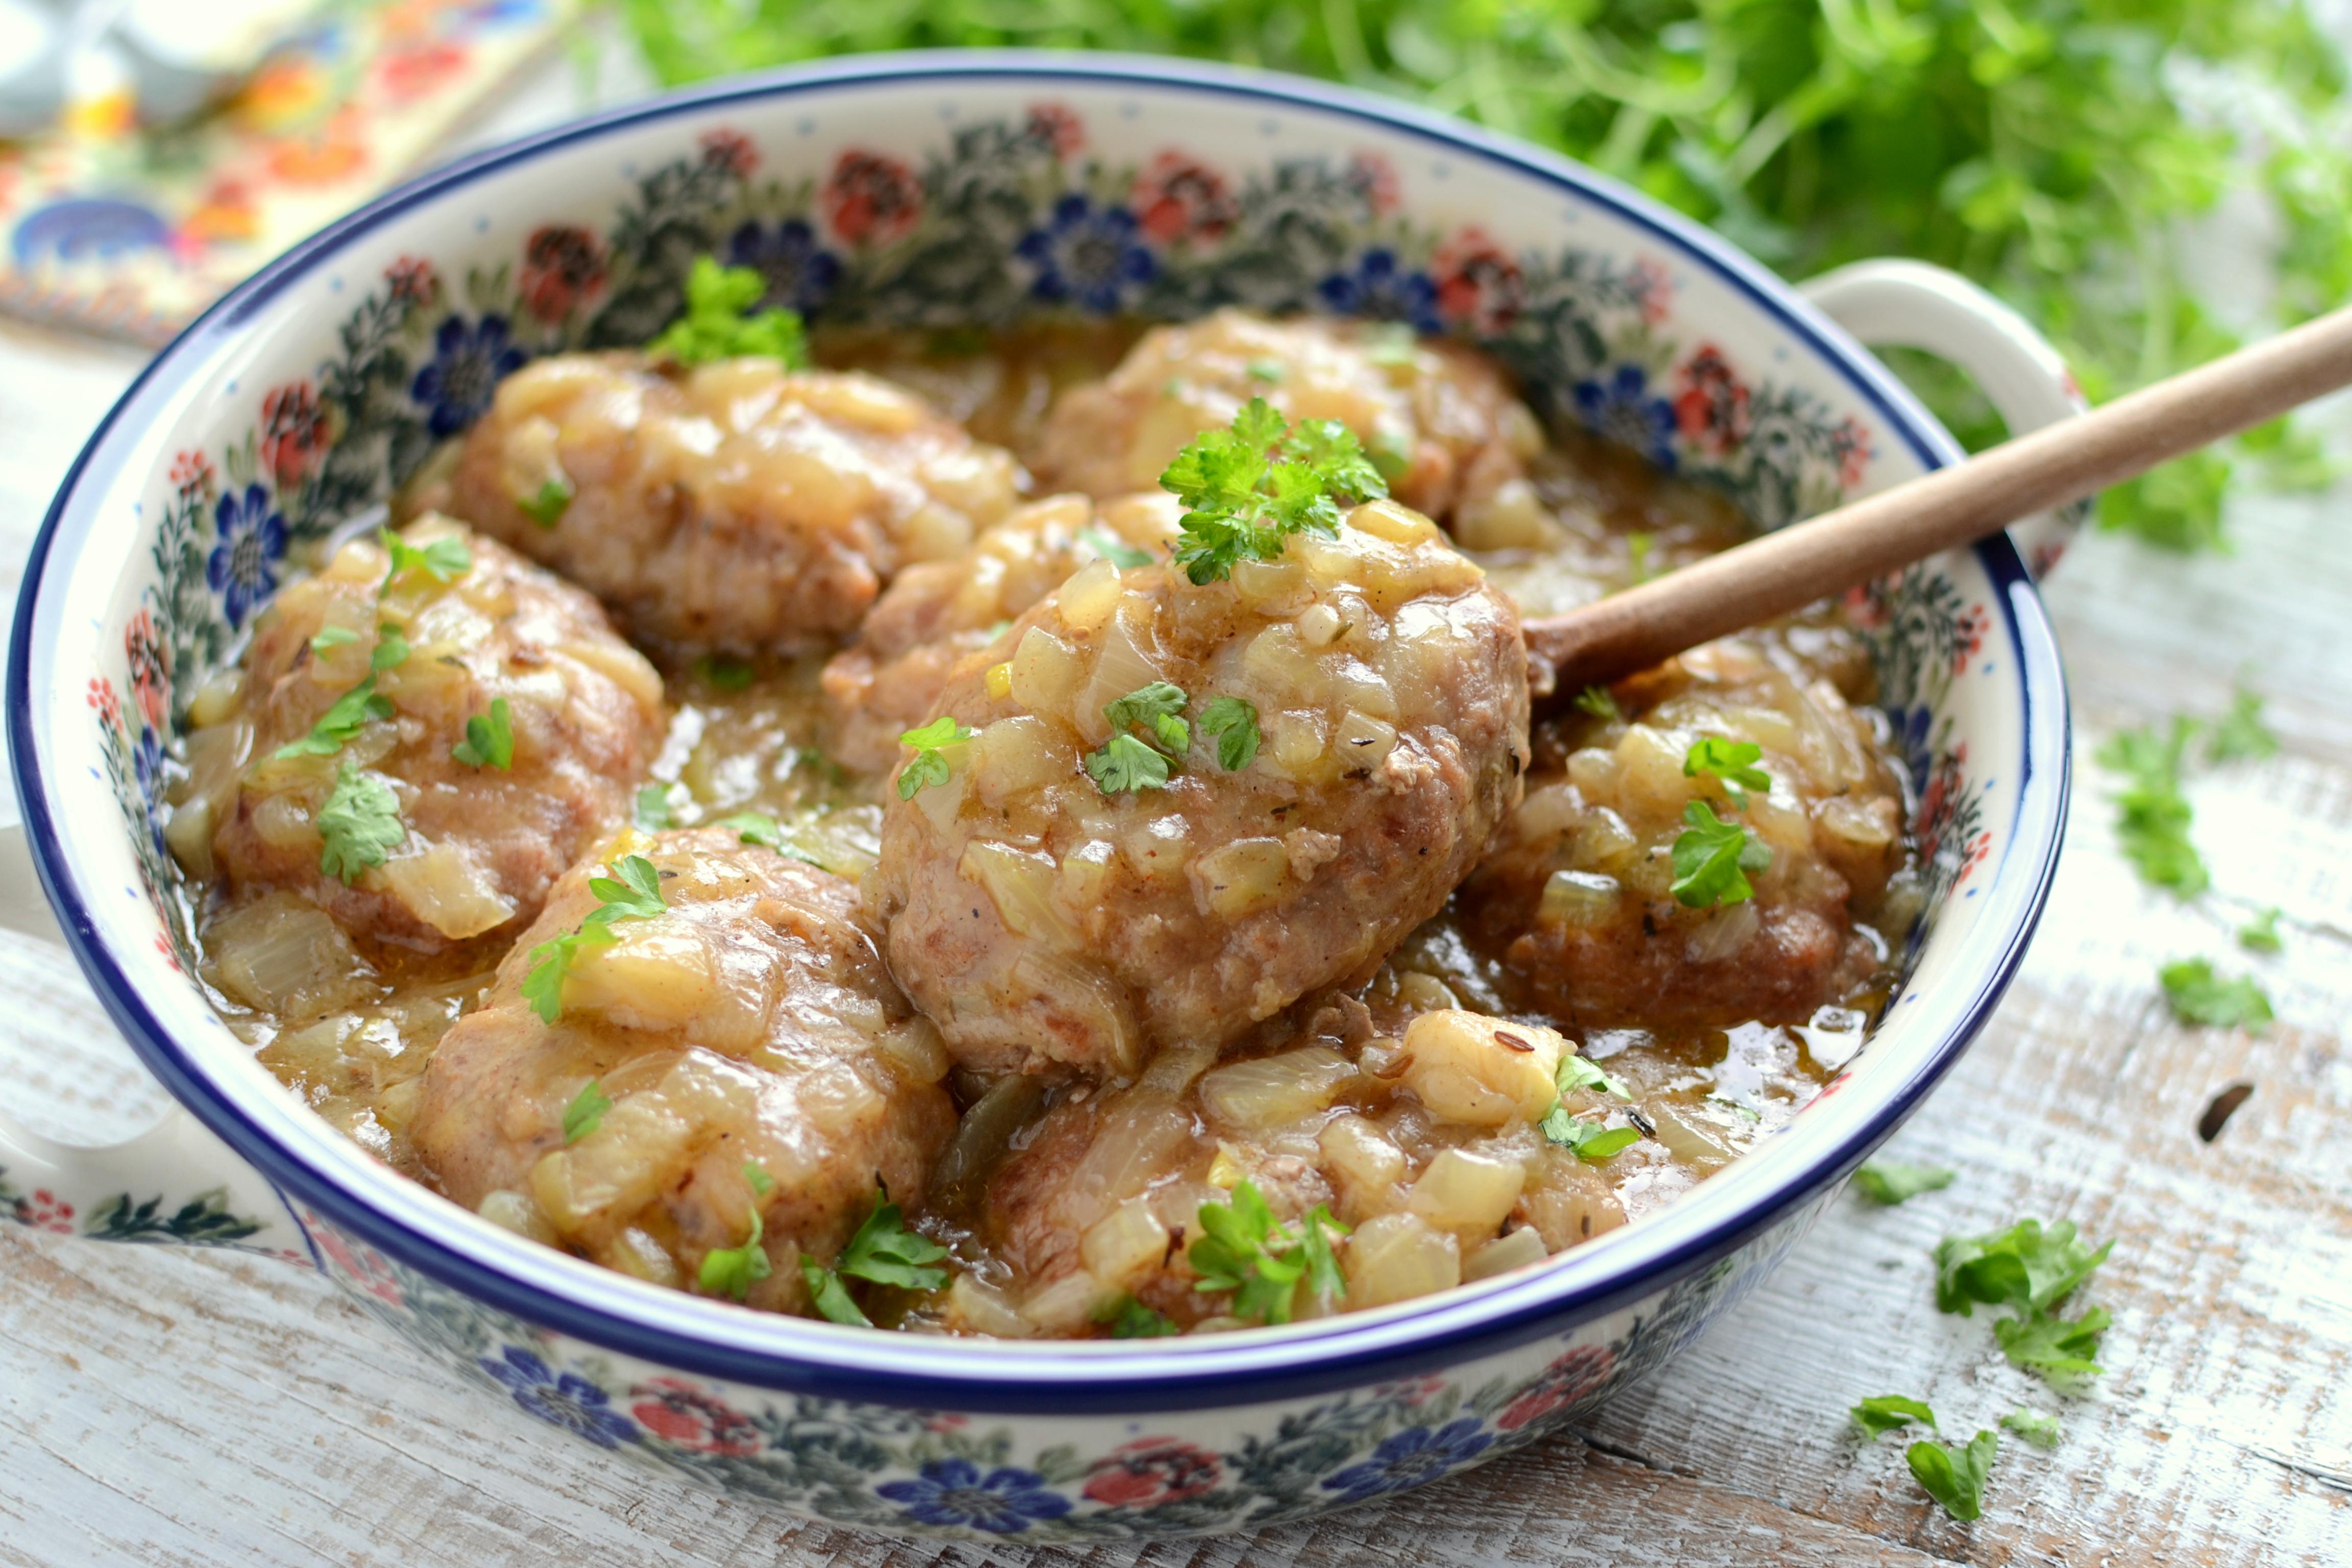 Kotlety mielone w sosie cebulowym